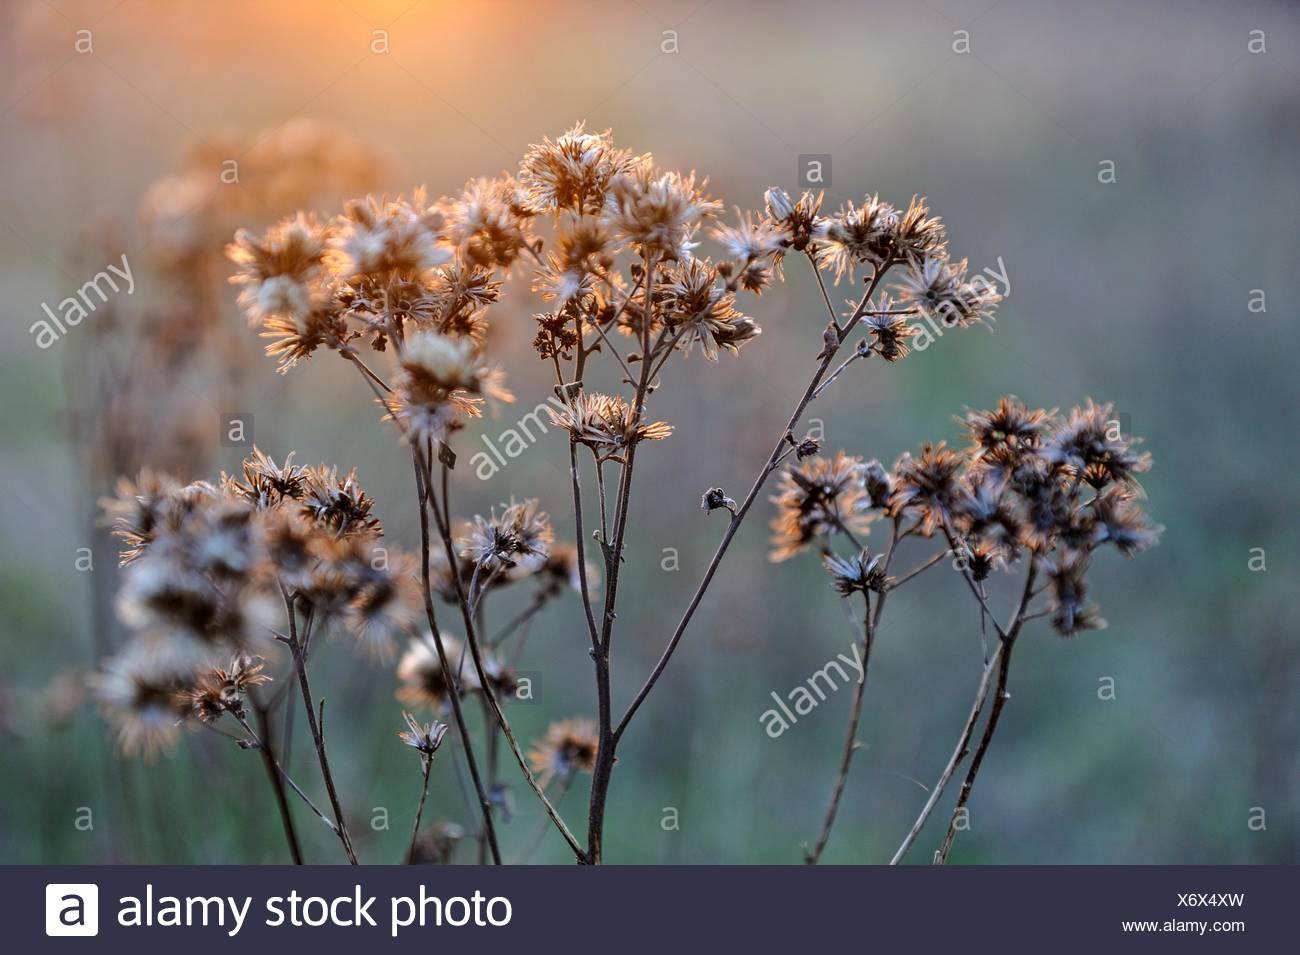 dried plants, Eure-et-Loir department, Centre region, France, Europe. - Stock Image